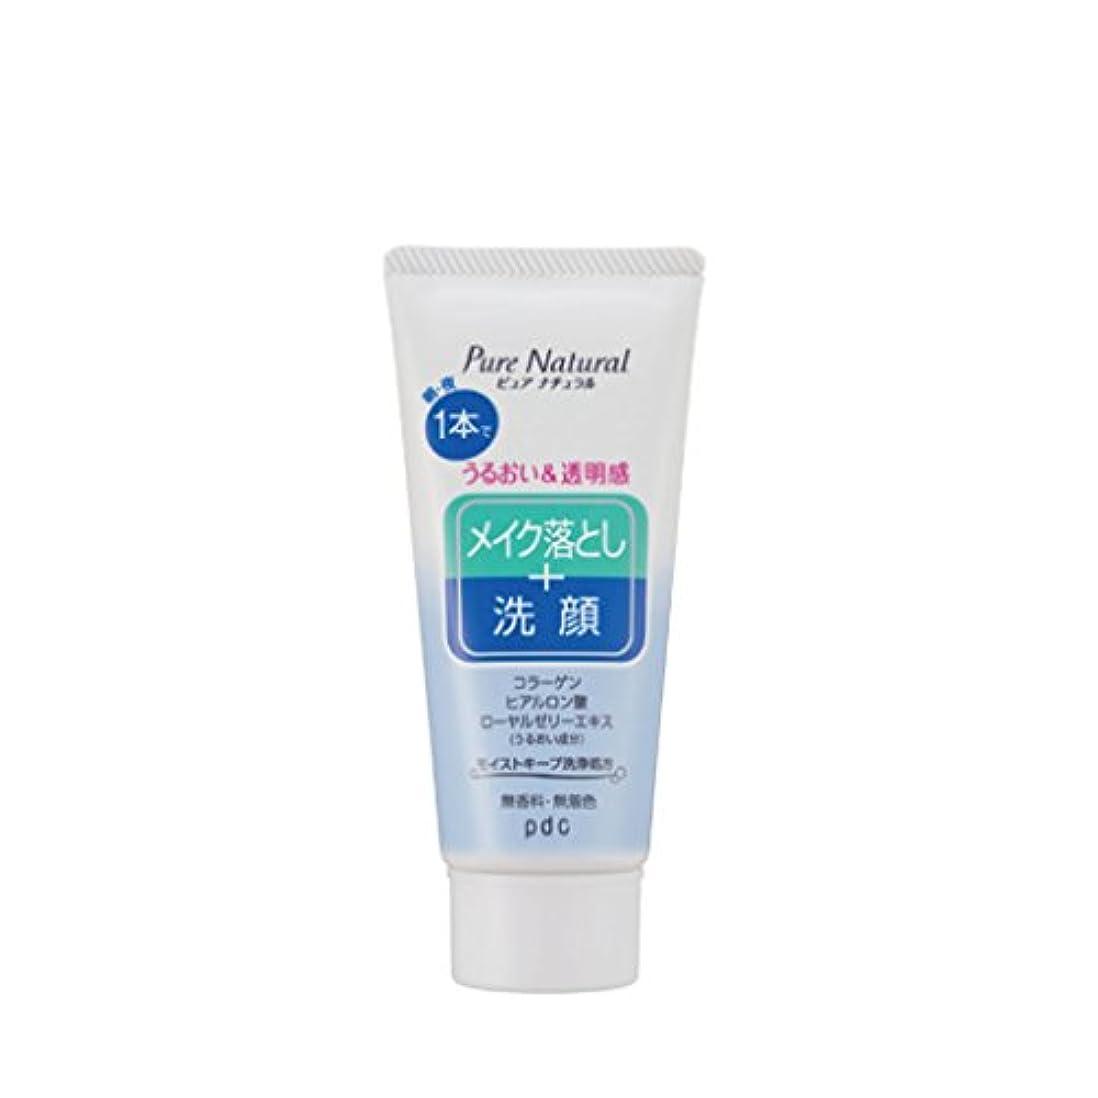 メジャー分離専制Pure NATURAL(ピュアナチュラル) クレンジング洗顔 (ミニサイズ) 70g